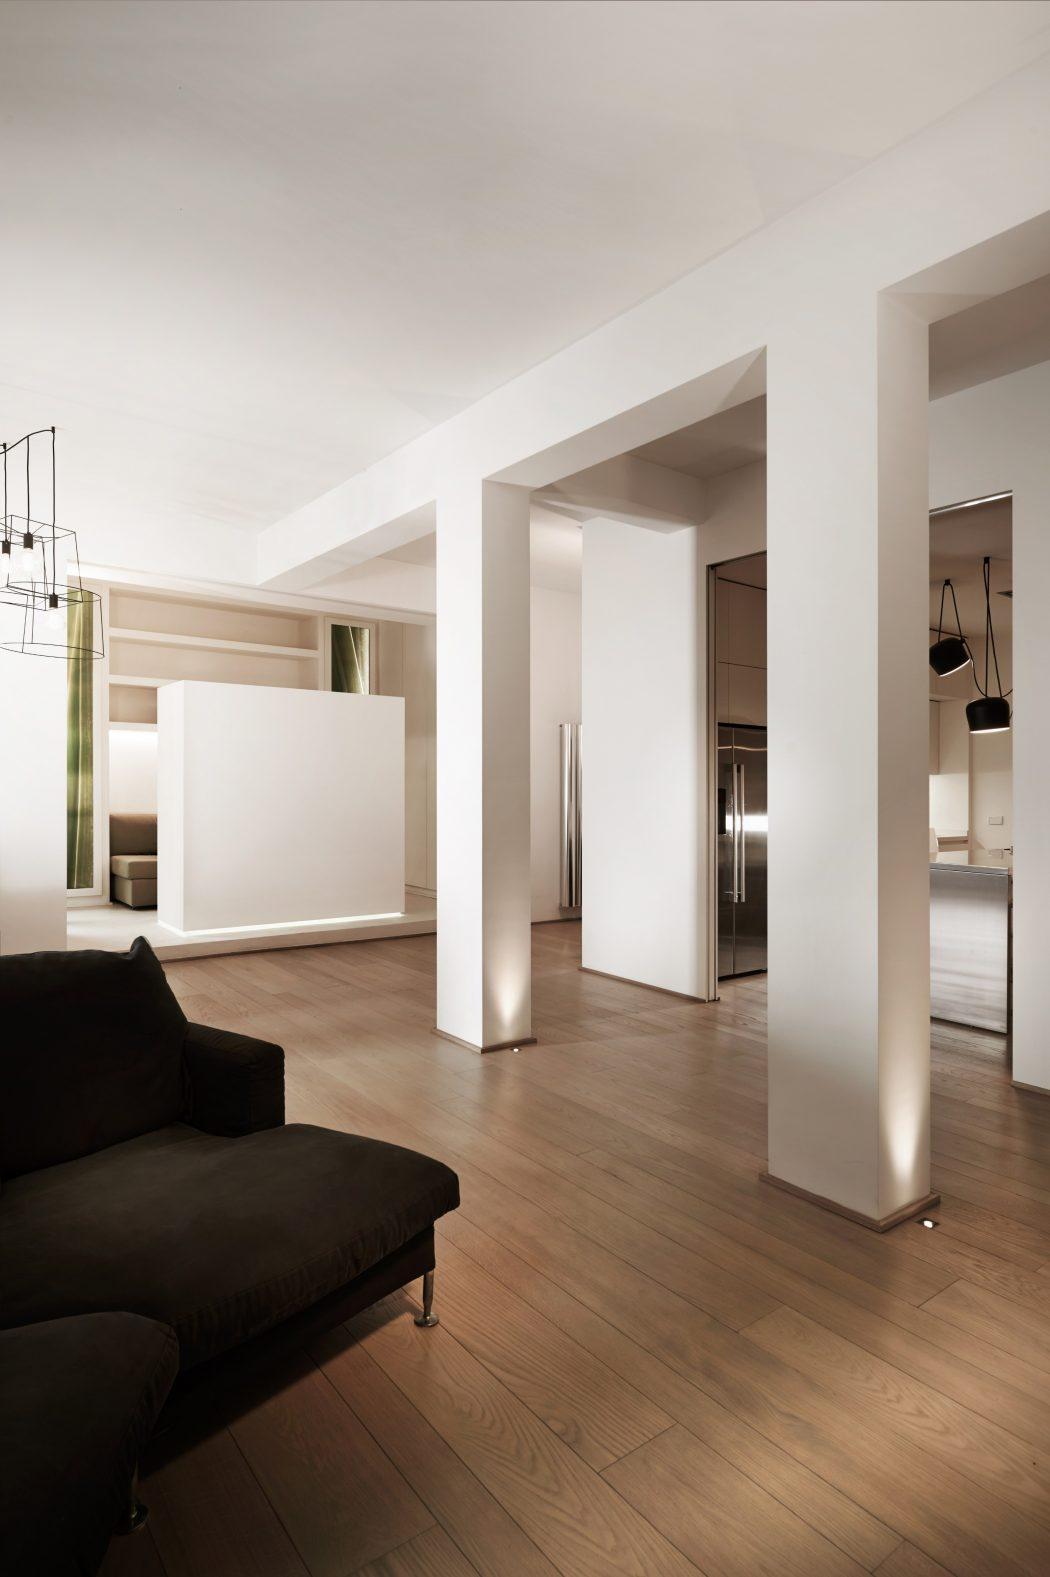 006-apartment-carola-vannini-1050x1577